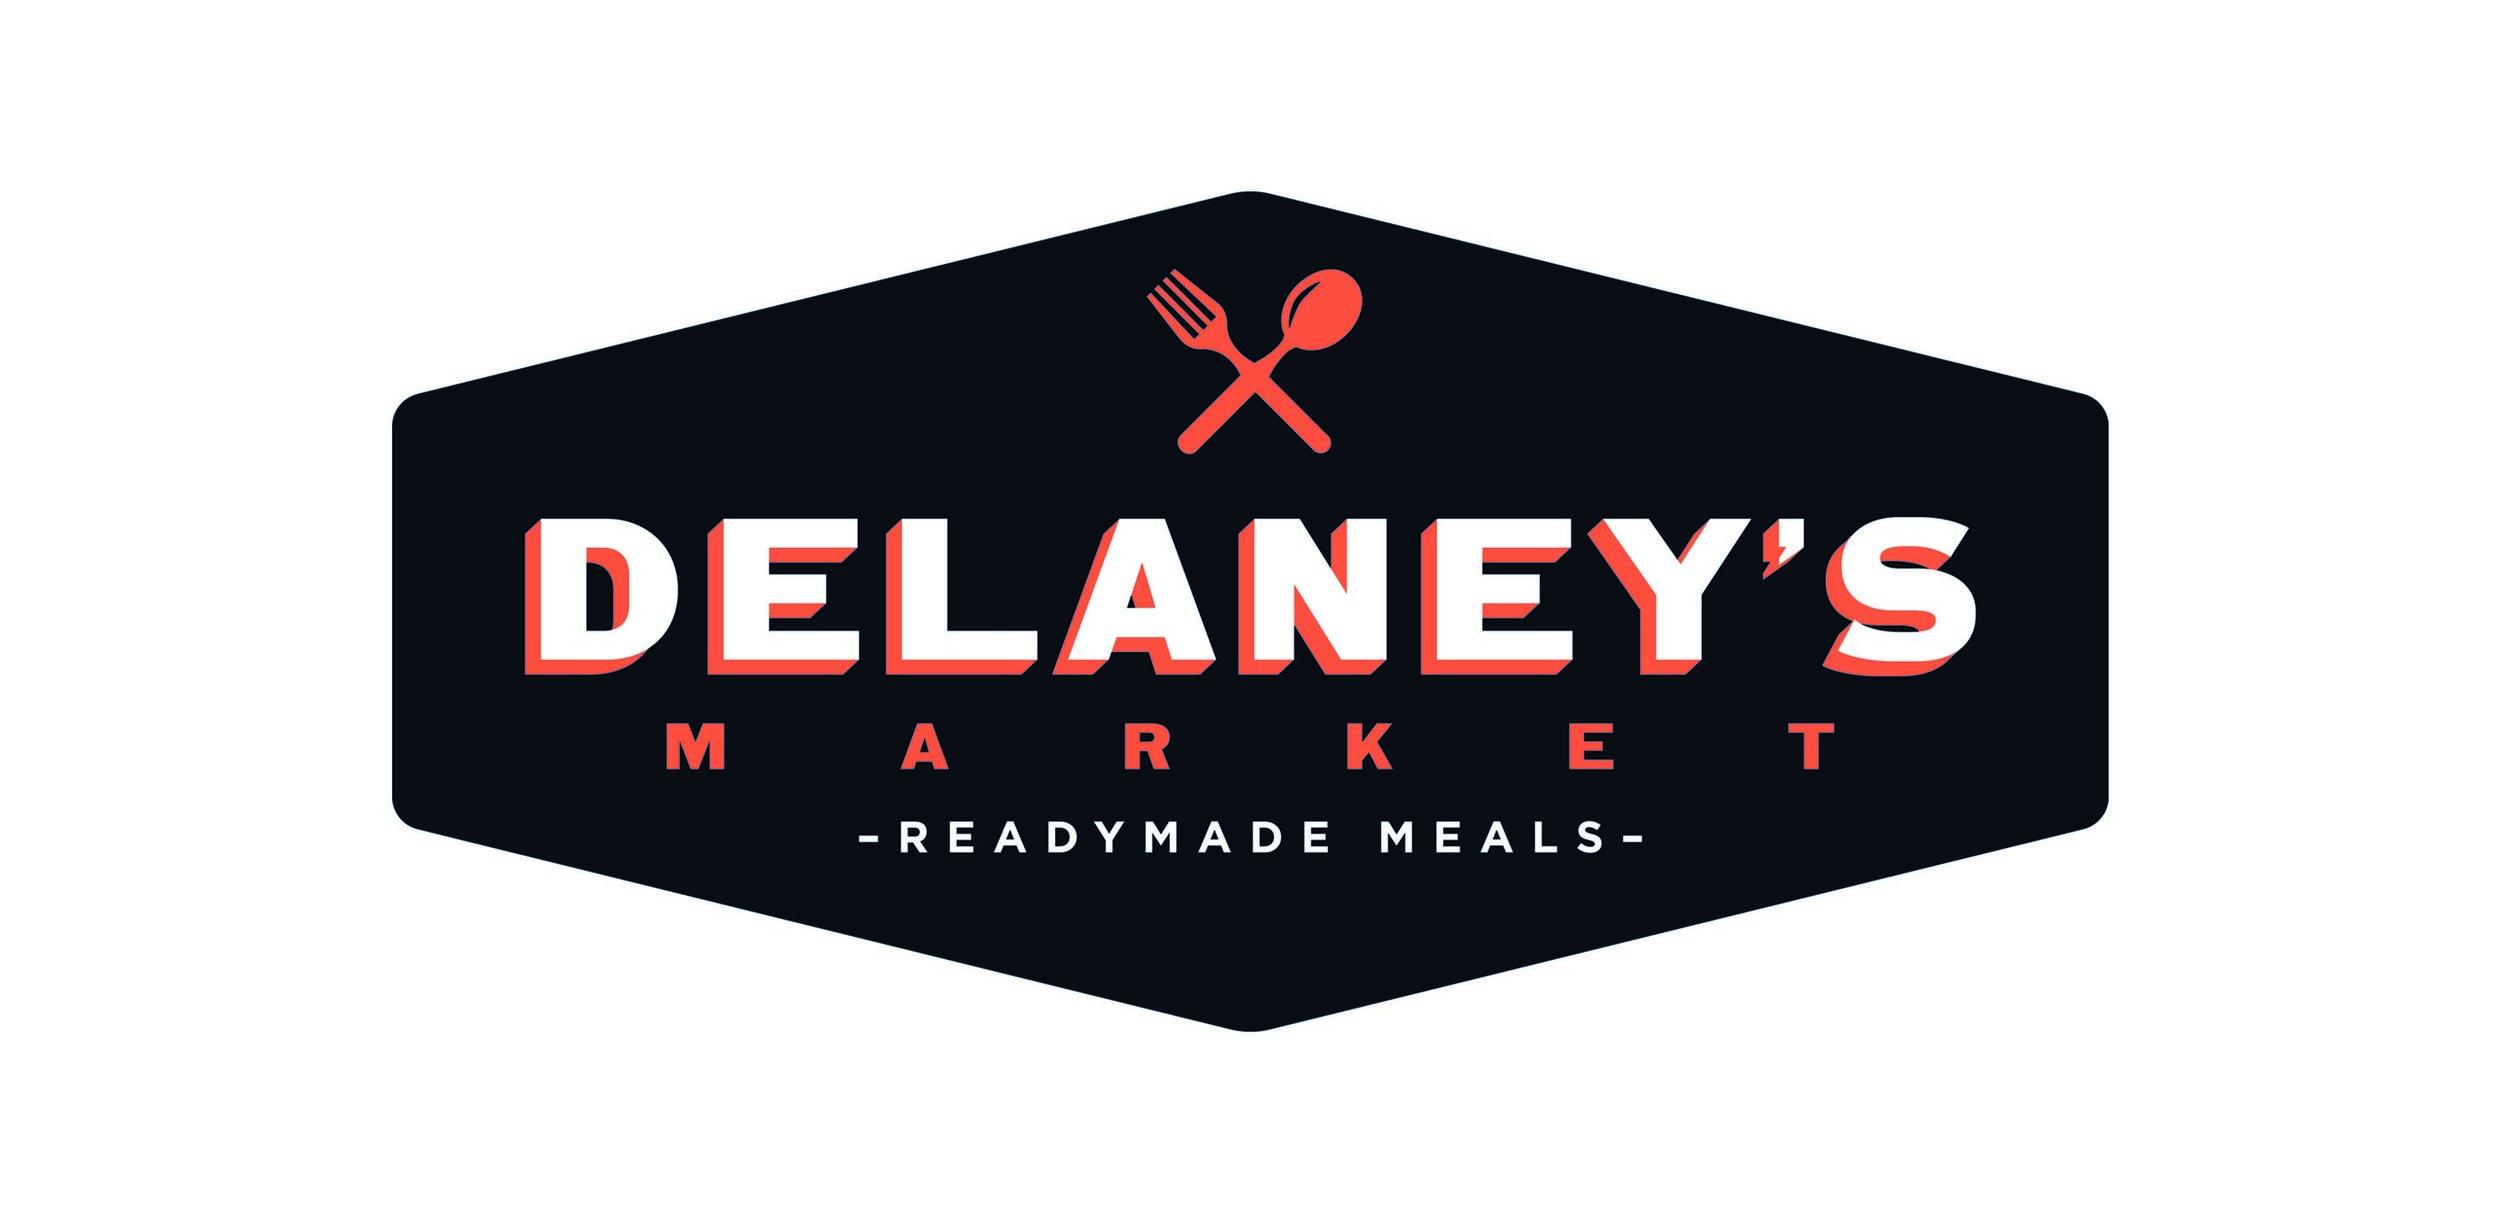 delaneys market logo.jpg